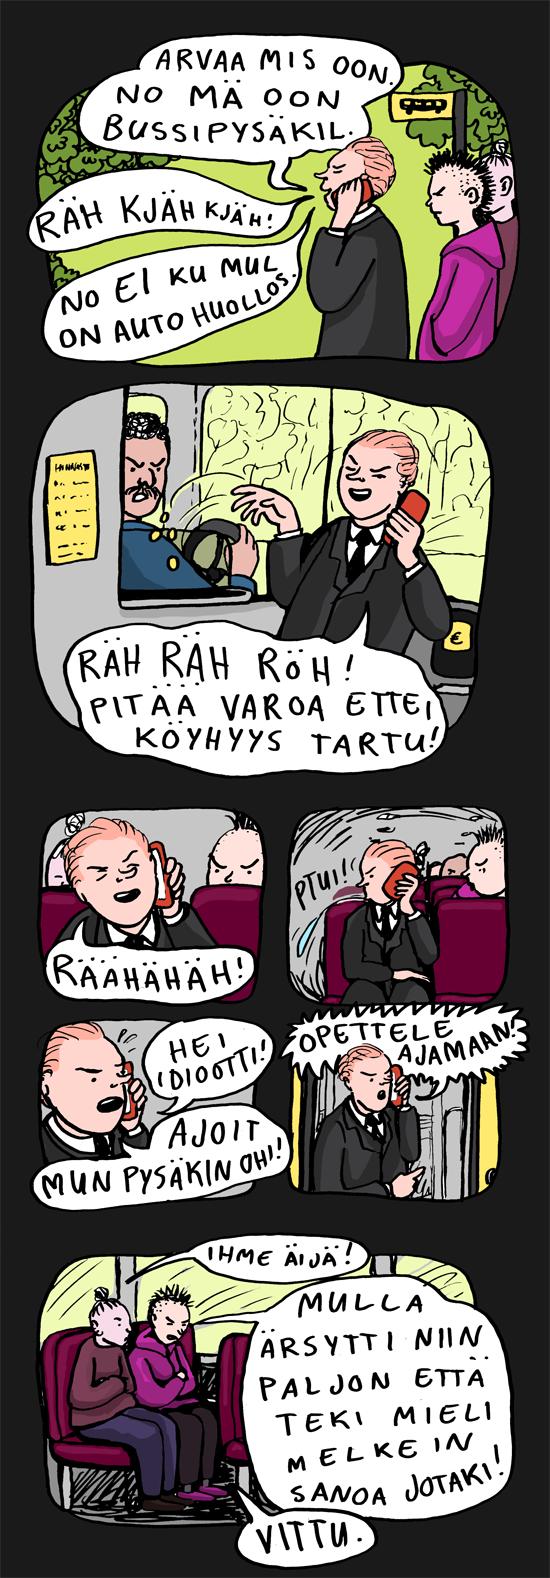 koyhat_ajaa_bussilla_